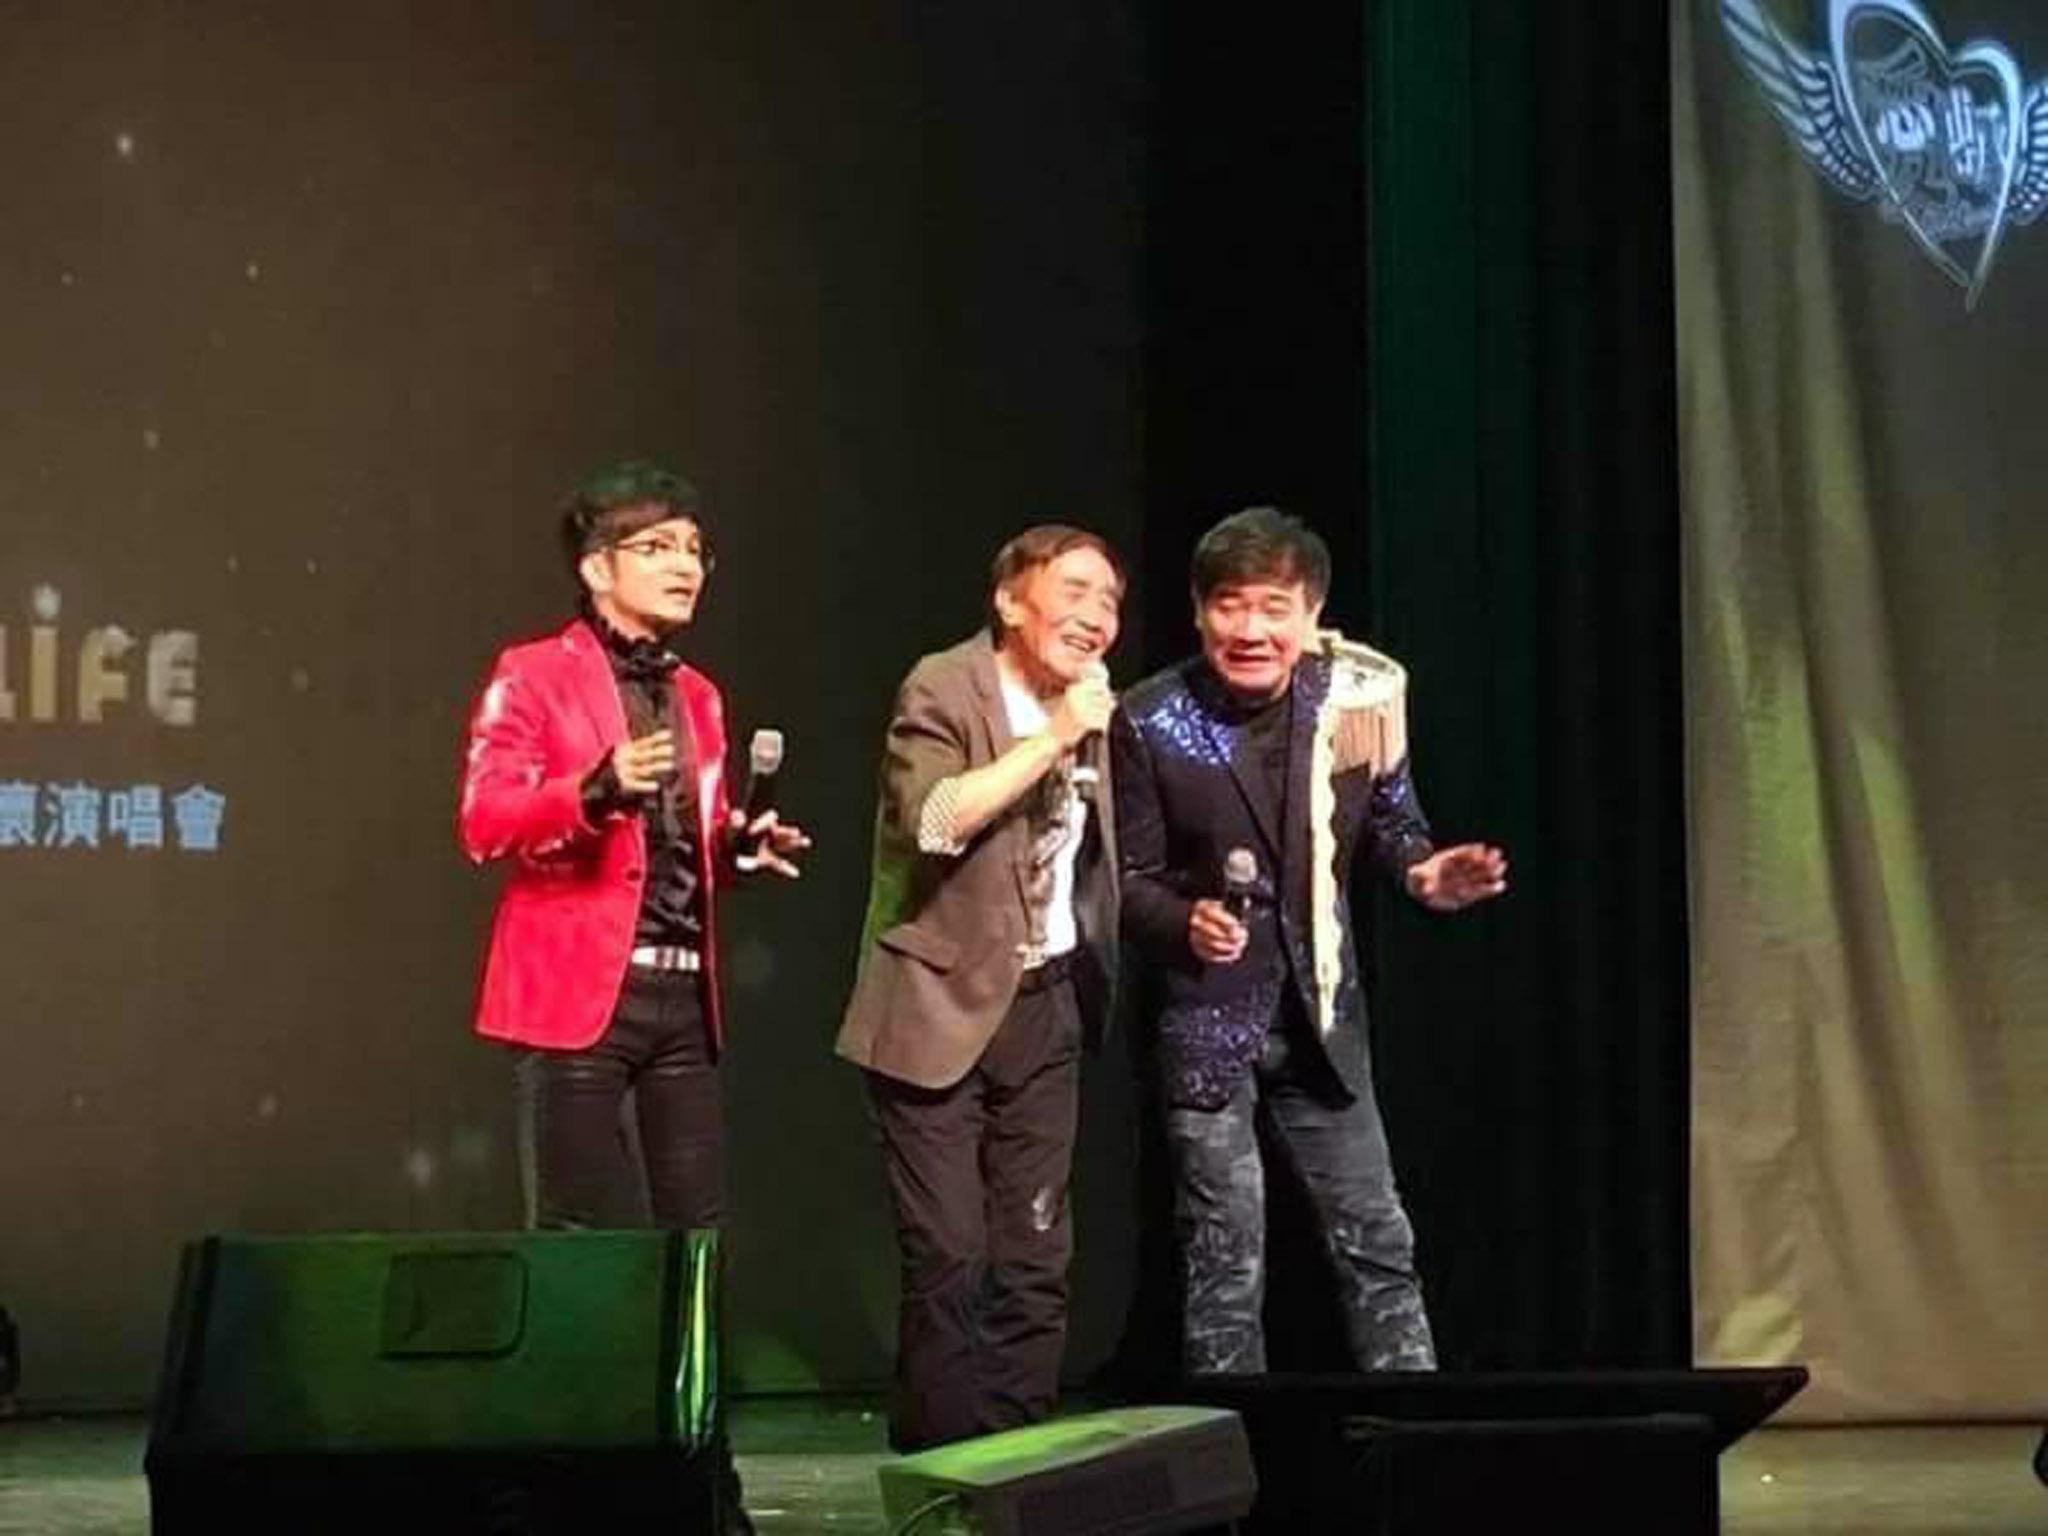 壓軸巨星「急智歌王」張帝現身演唱會,與主持人唐從聖、白雲傳遞歡樂,為演唱會劃下完美的句點。